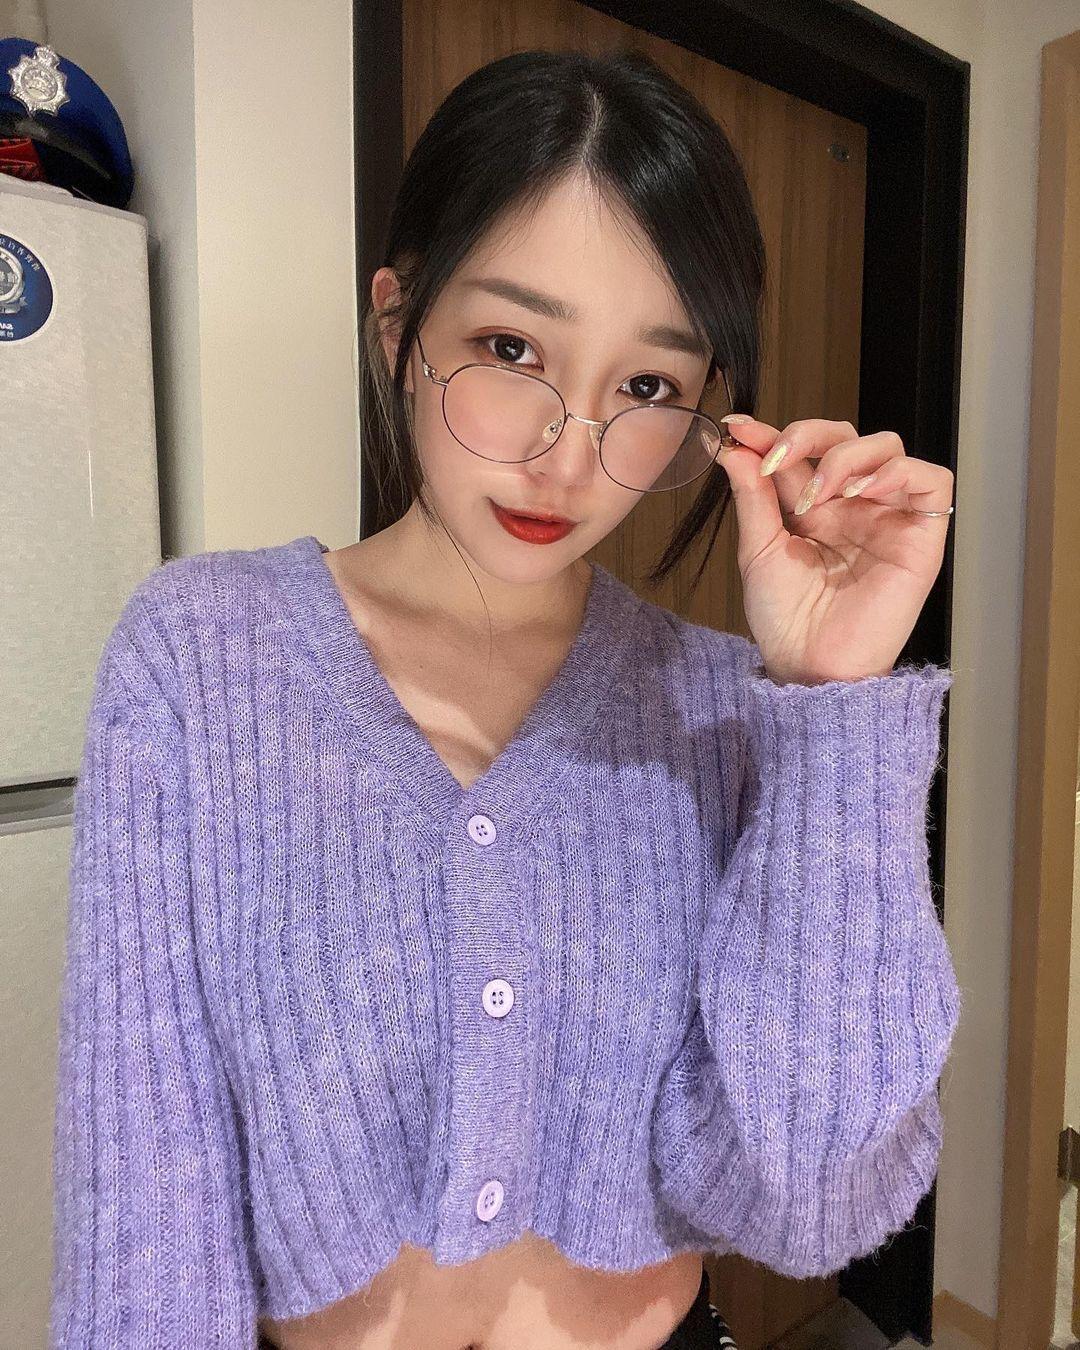 暗黑系女孩刘萱魅惑的眼神像中毒一样一直想看下去-itotii